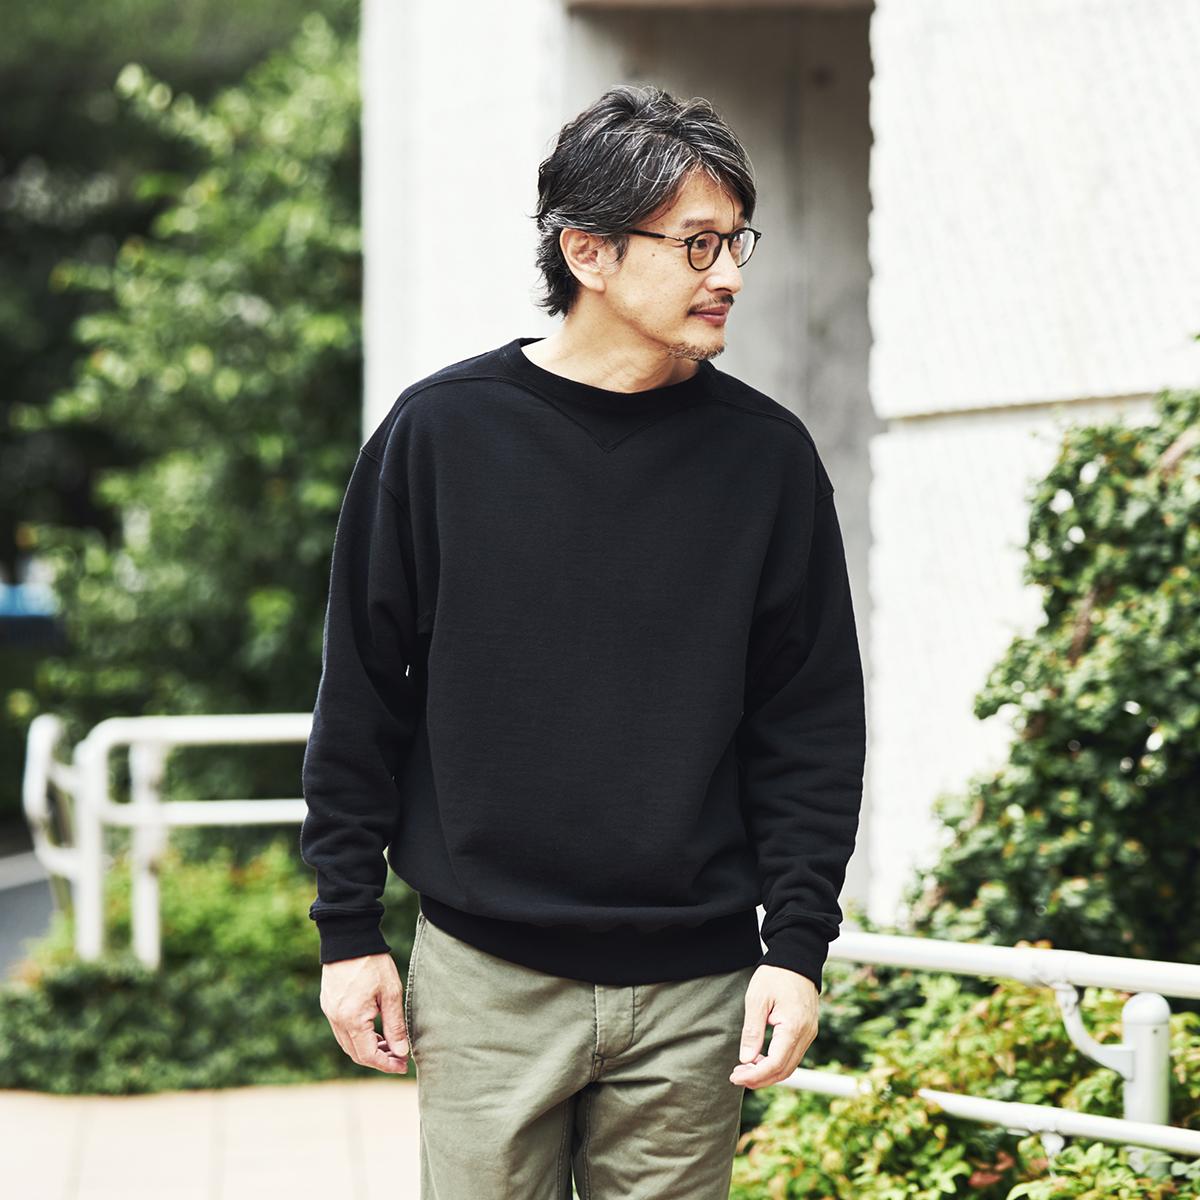 ファンにはたまらない一枚。現代の染色技術で生まれた新色「ブラック」をMade in Japanで。先行予約特典付きの「フットボールシャツ」|A.G. Spalding & Bros